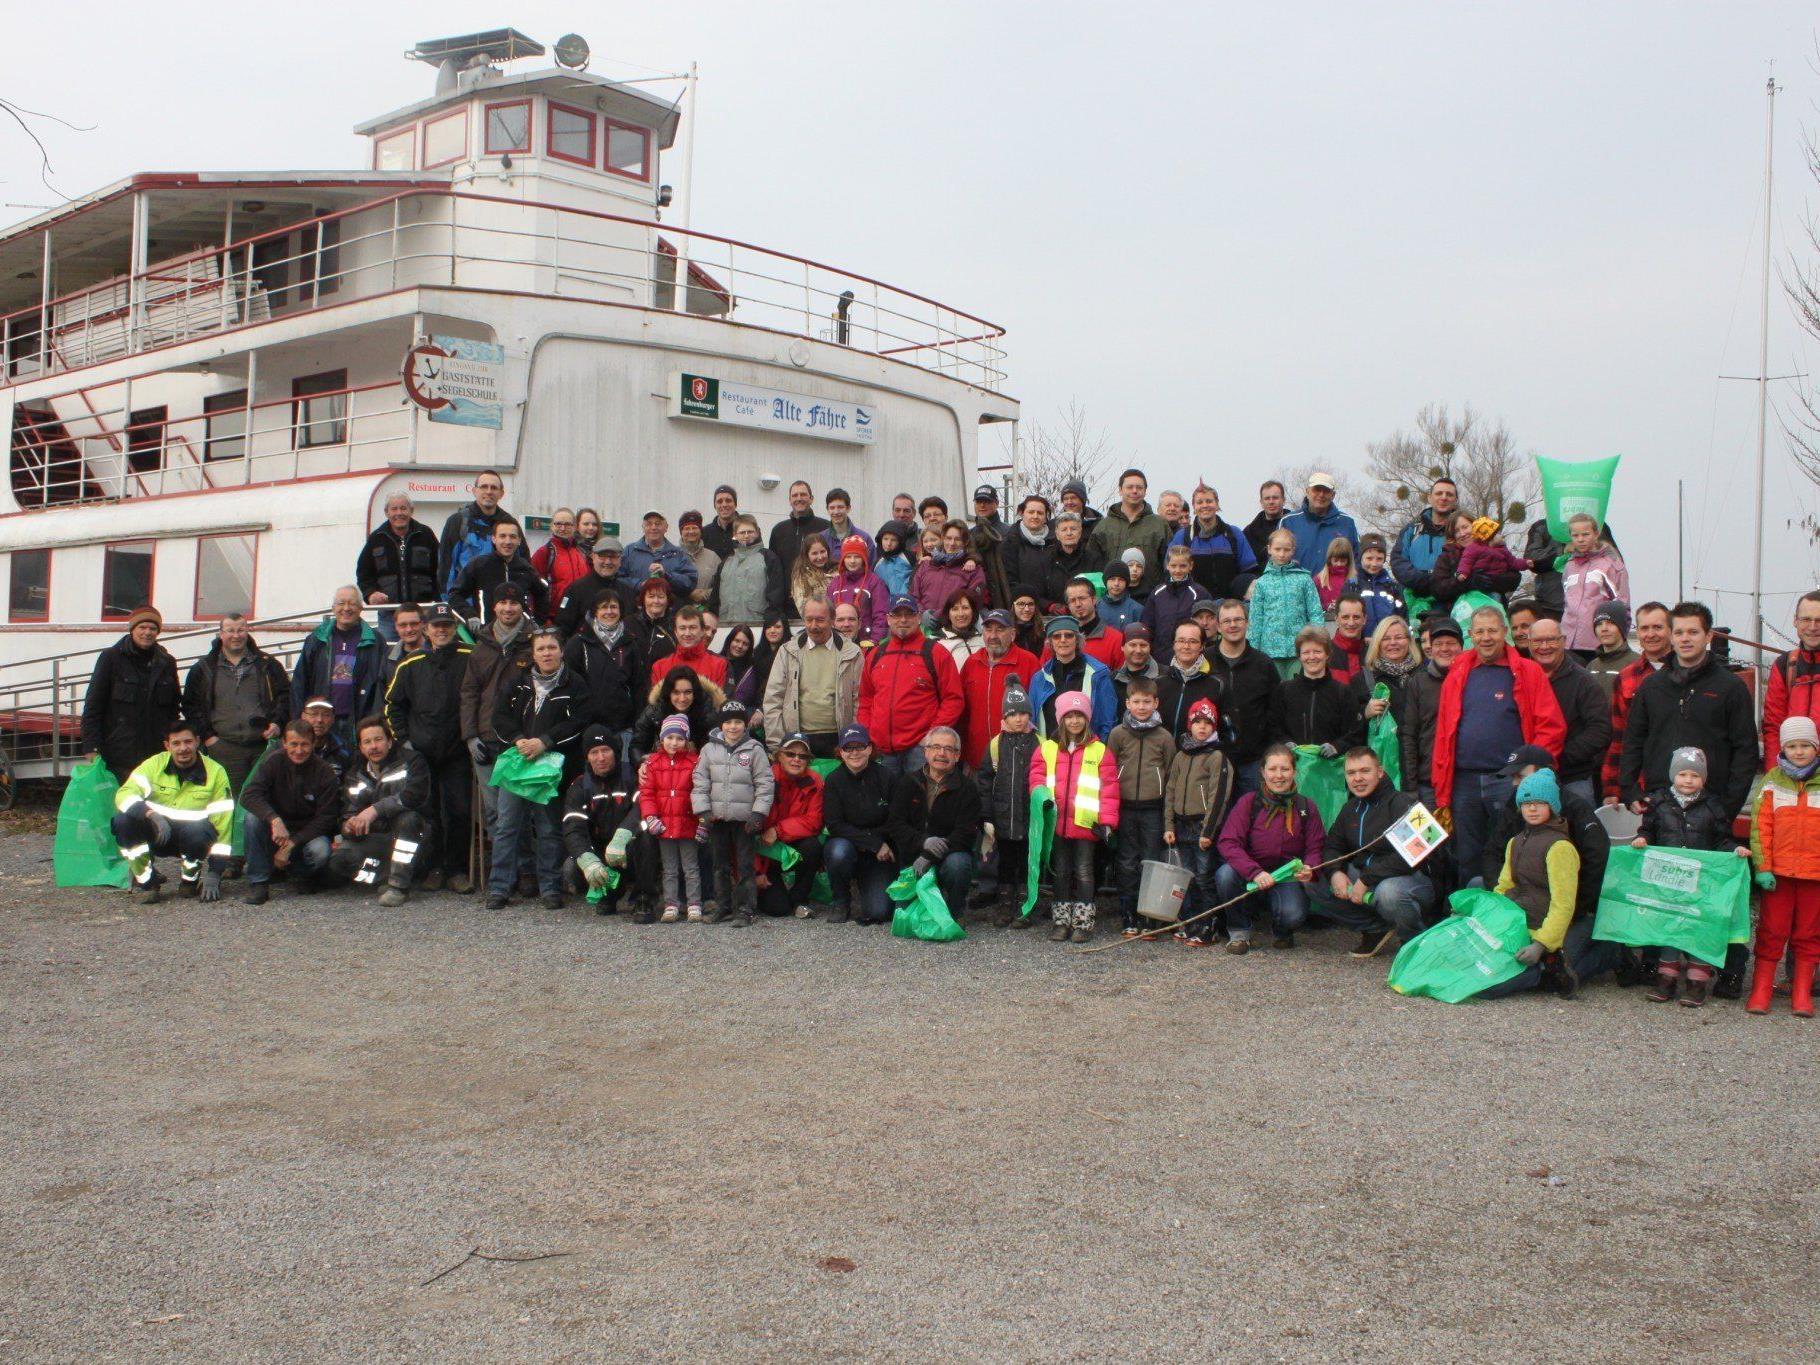 Groß war die Zahl der Helferinnen und Helfer, die Vizebürgermeister Michael Simma bei der Landschaftsreinigungsaktion am See begrüßen konnte.